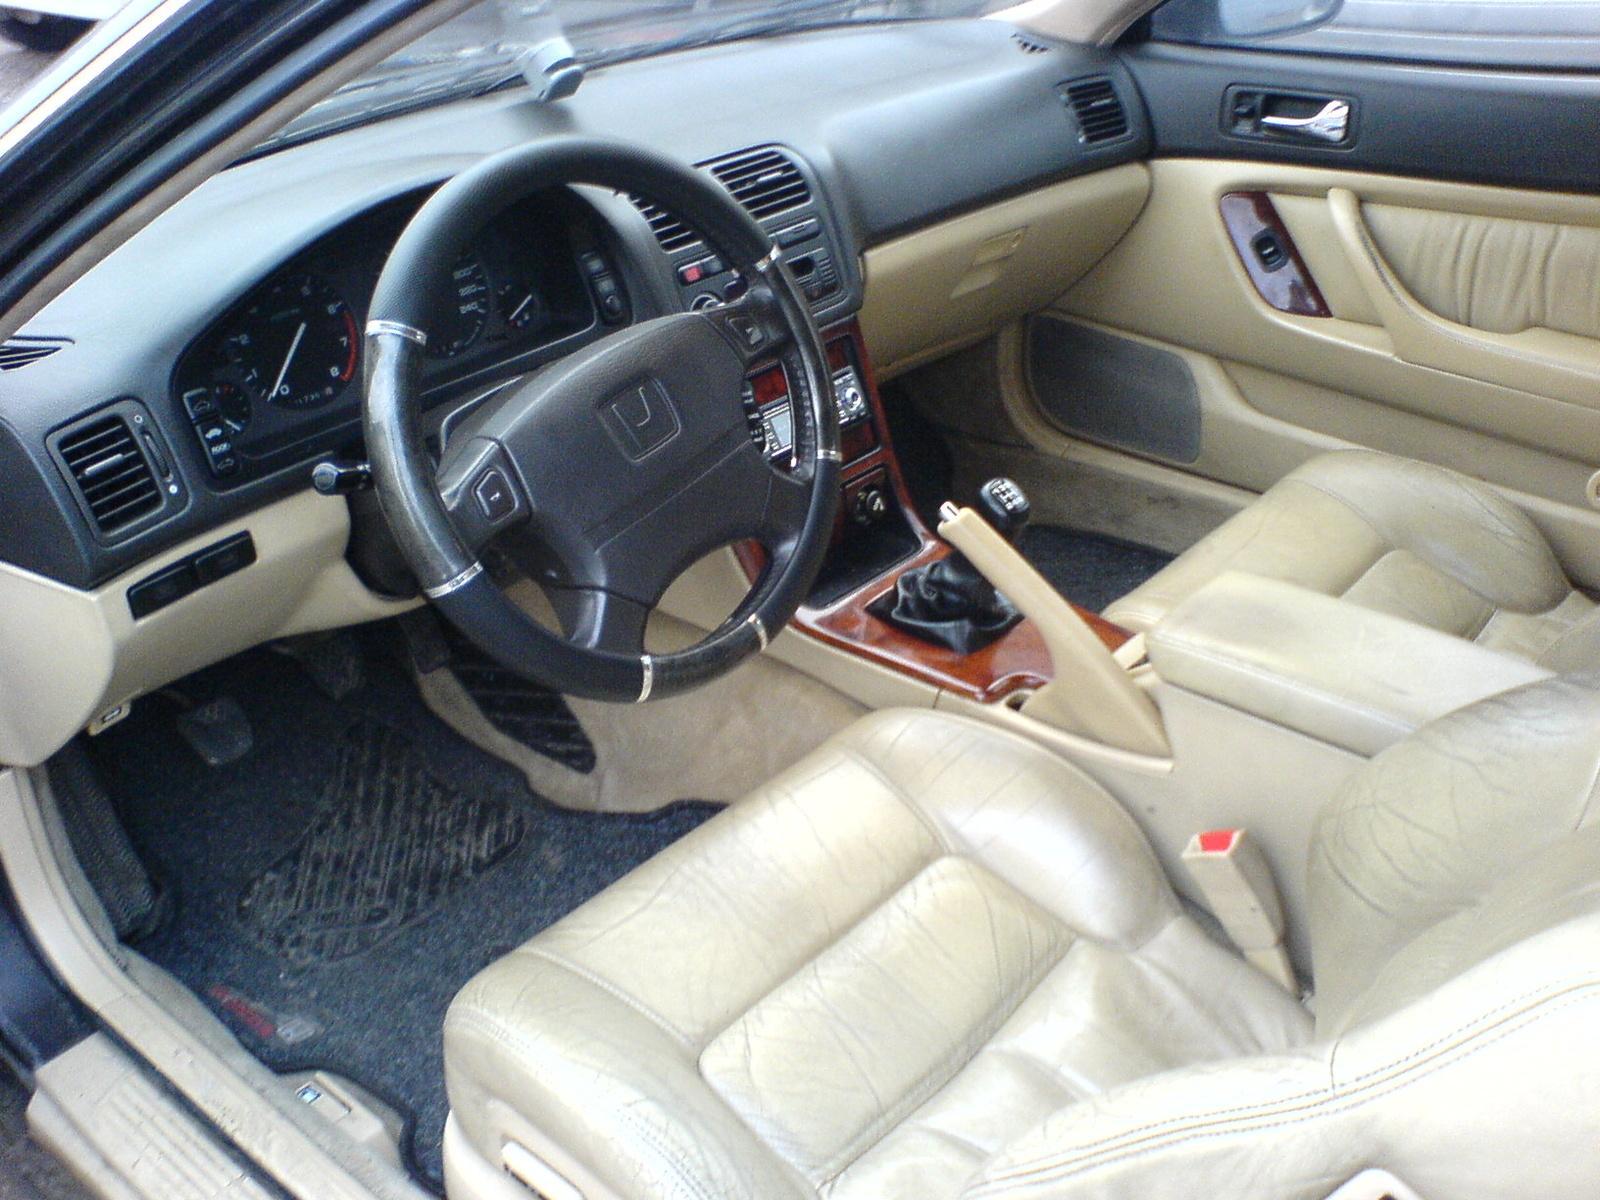 800 1024 1280 1600 Origin 1992 Acura Legend